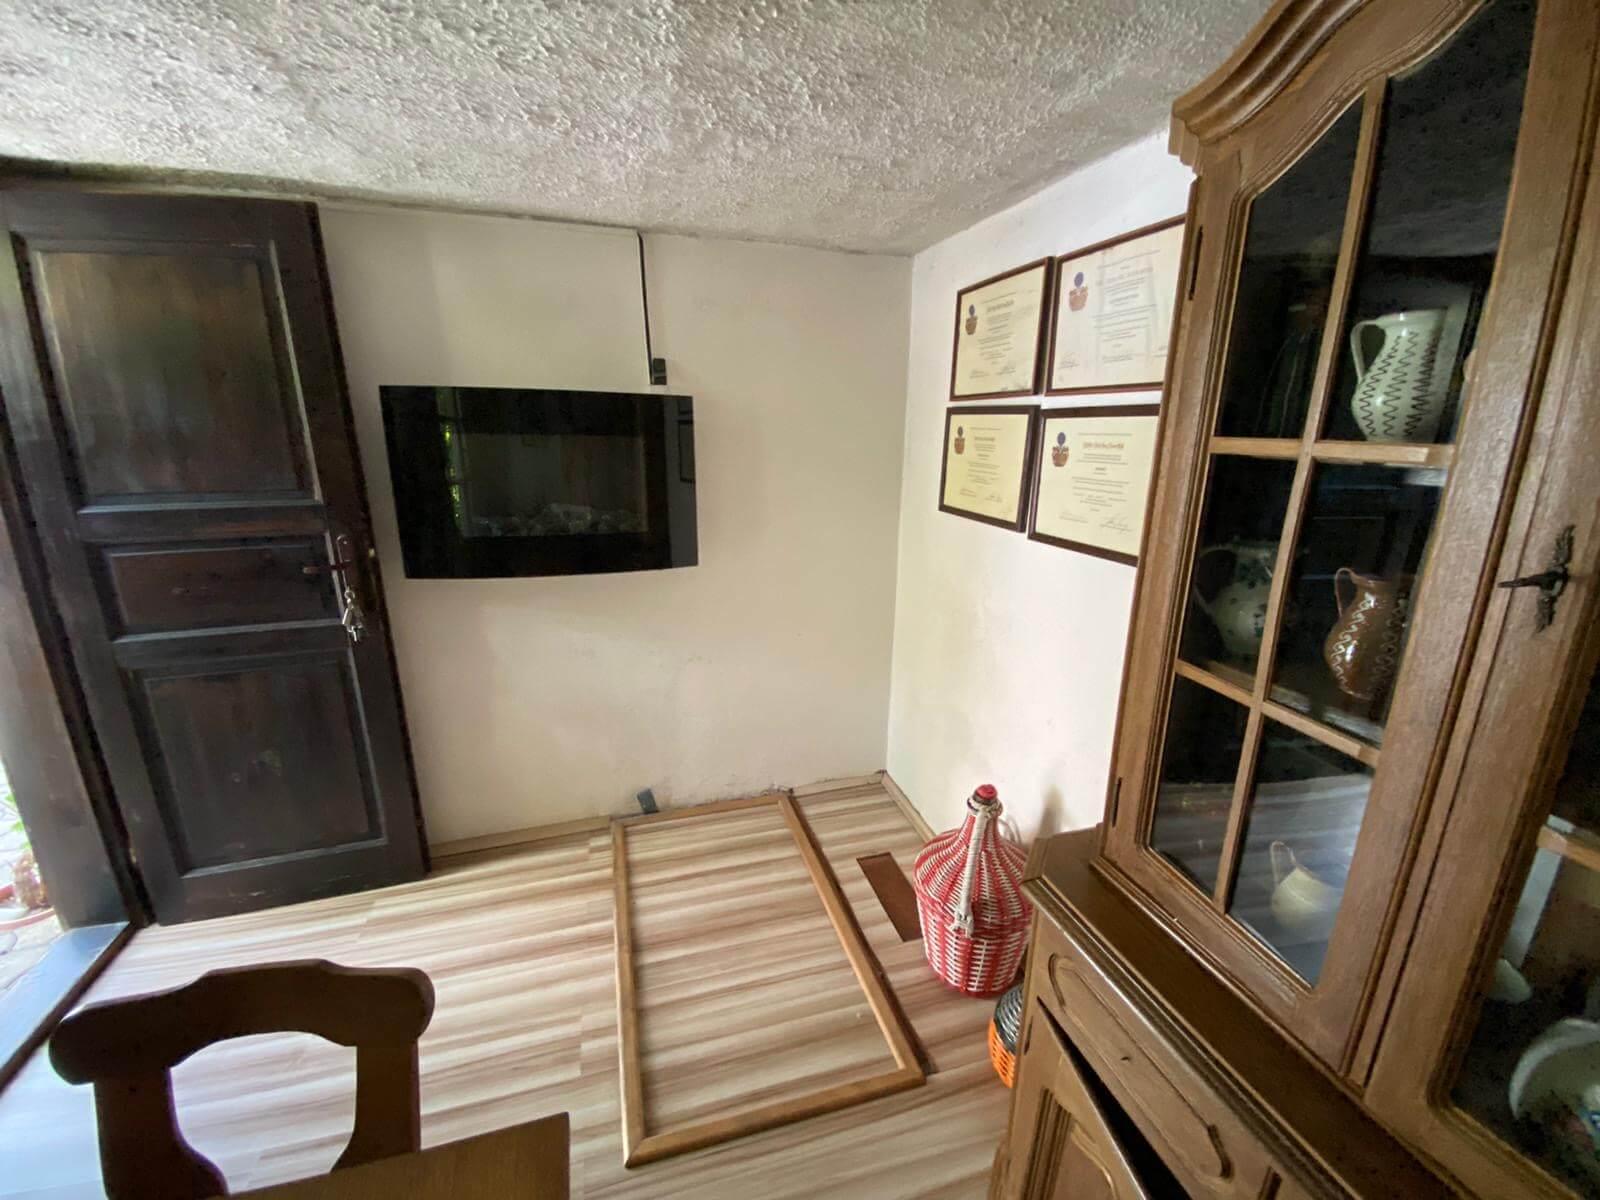 Predané: Predaj Rodinný dom v Šoporni, v tichej lokalite, pozemok 674m2, úžitková plocha 181m2,záhrada, kôlňa-27